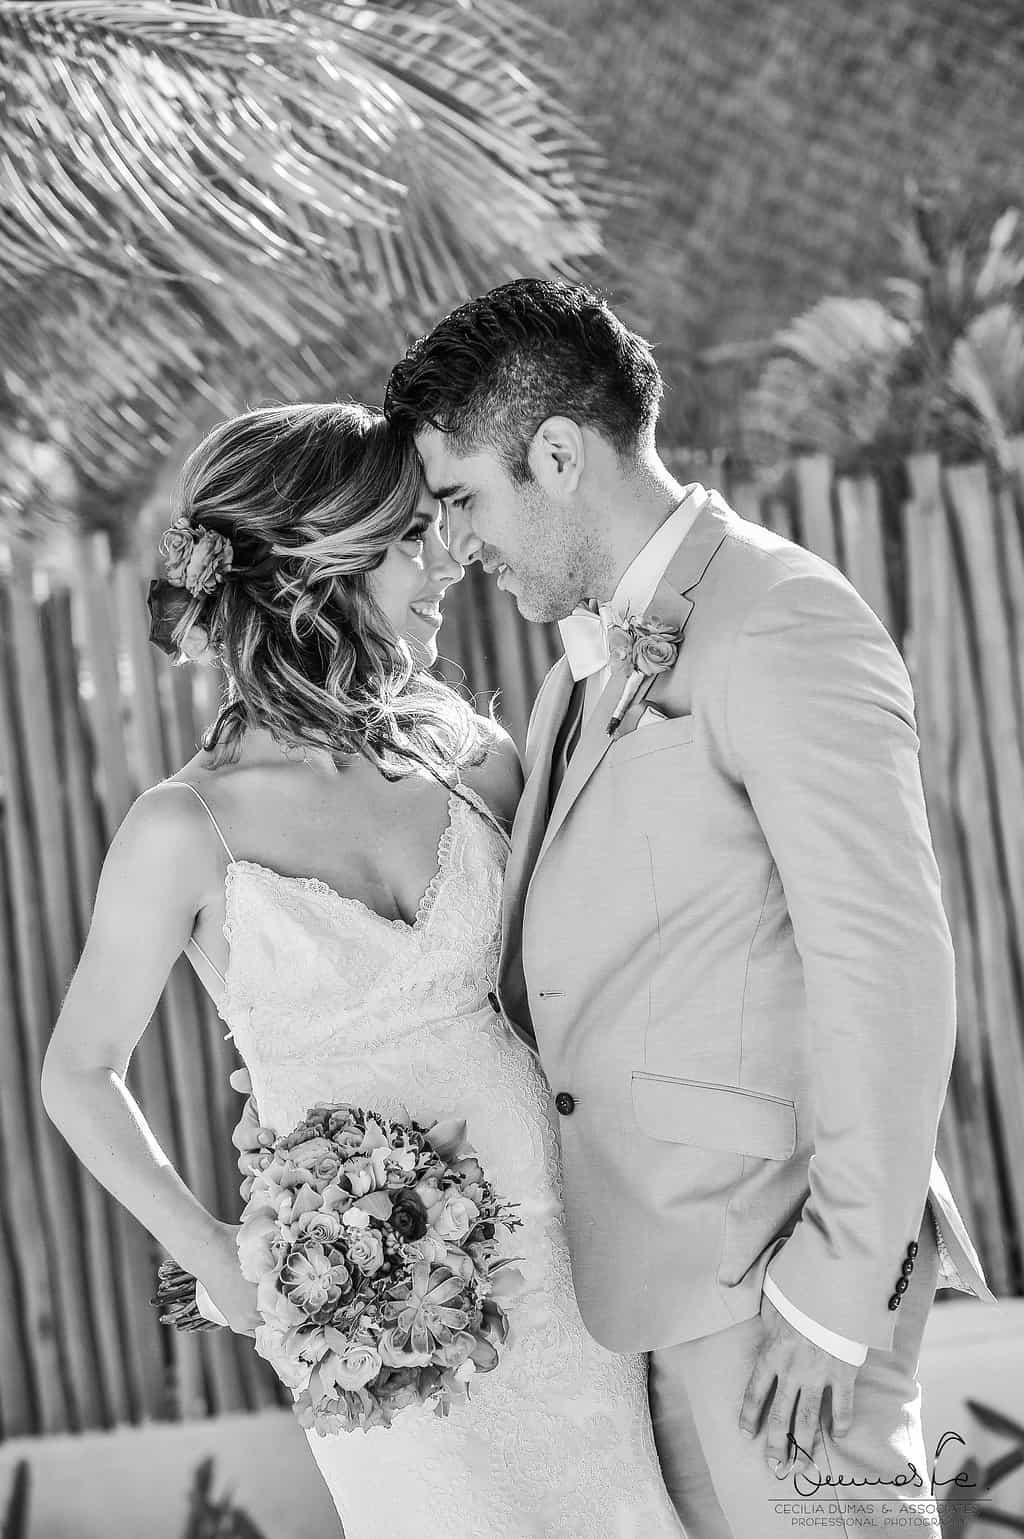 mahekalhotel-playadelcarmen-weddingphotography-lindseyalfredo48